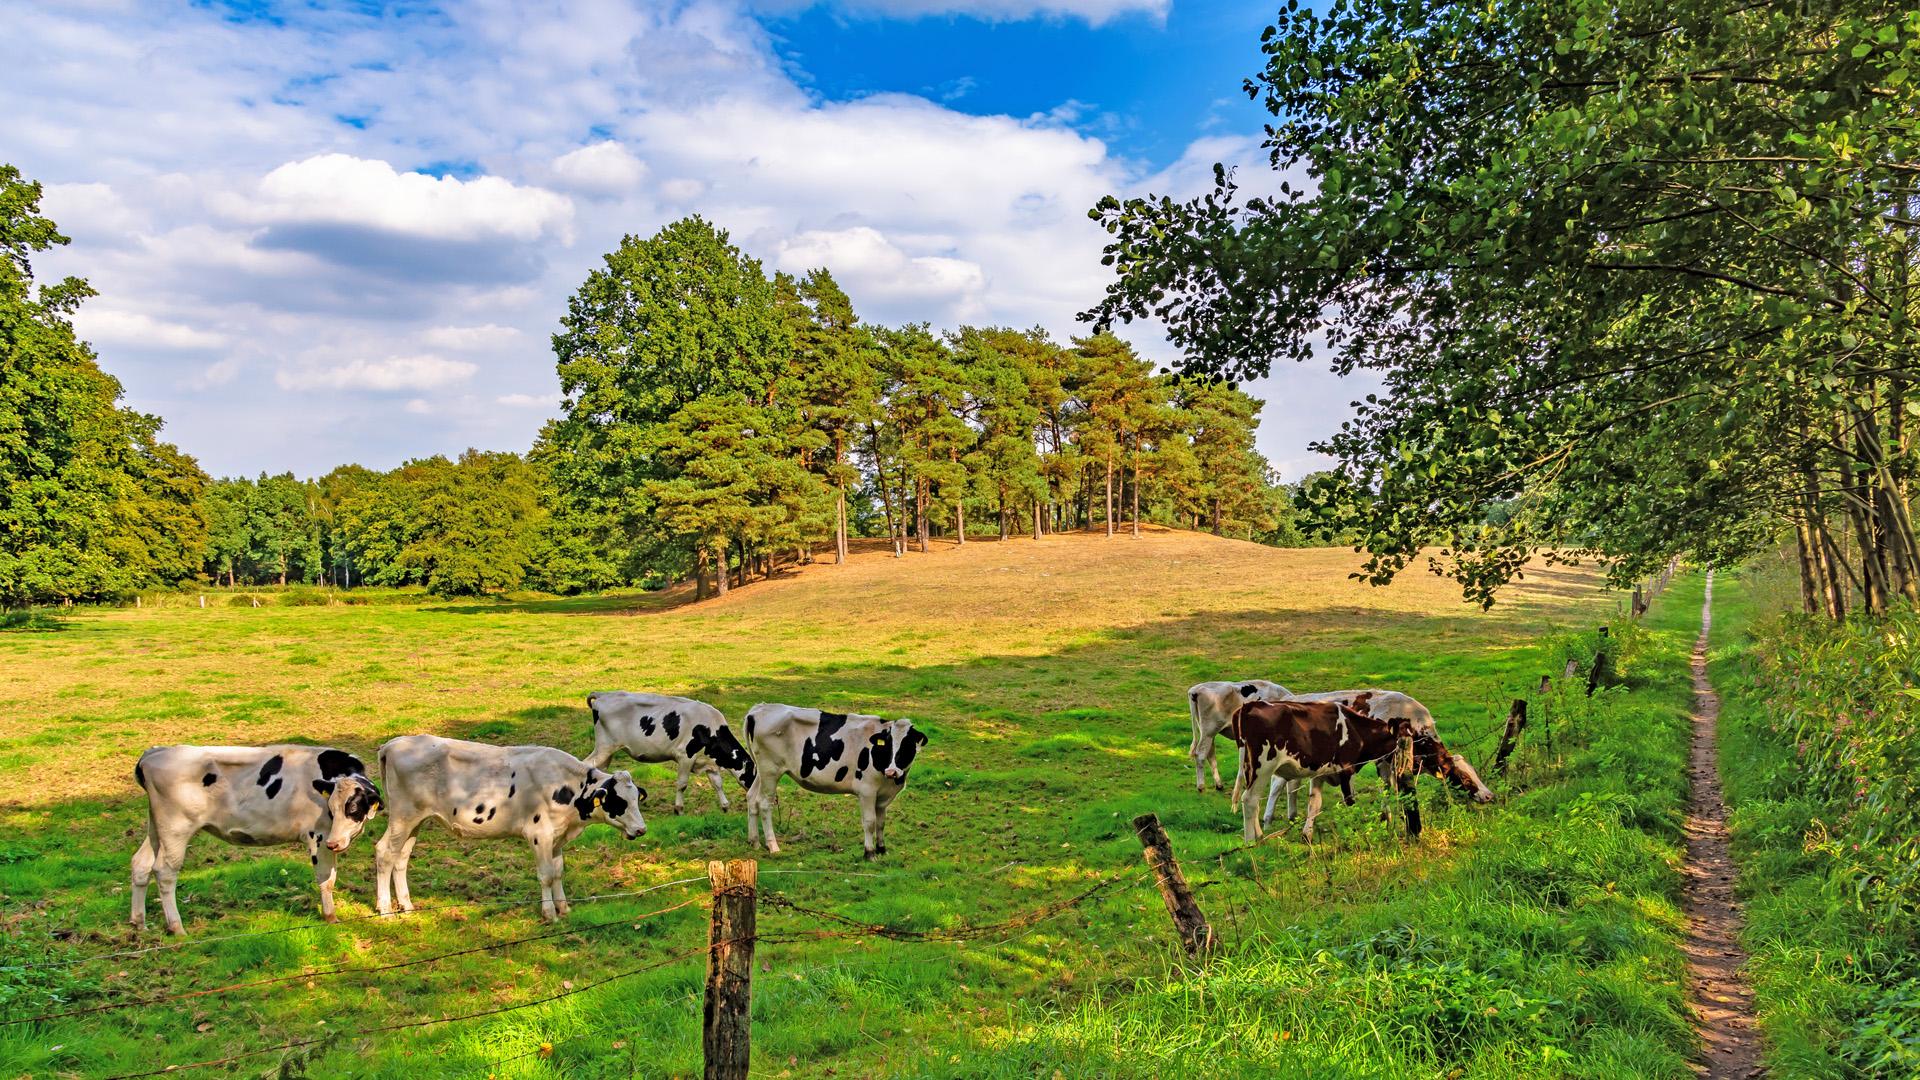 Sind die Kühe etwa Namensgeber vom Kuhbachtal?